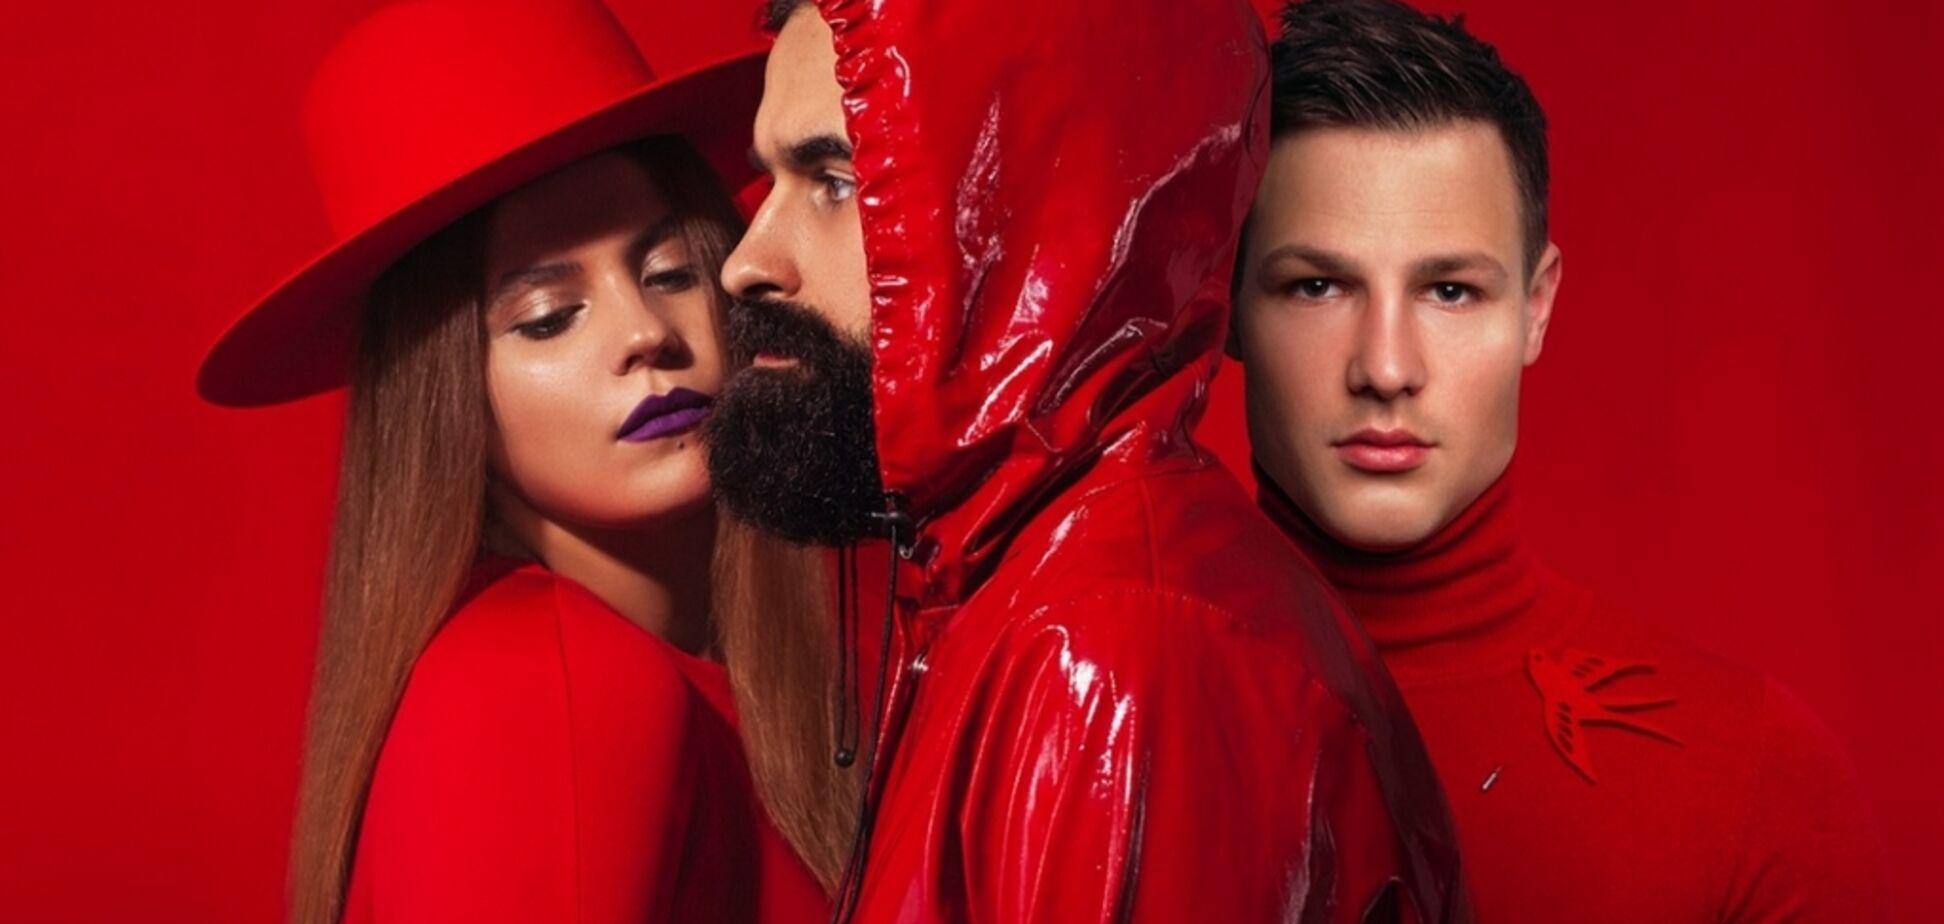 Популярная украиноязычная песня возглавила престижный мировой рейтинг